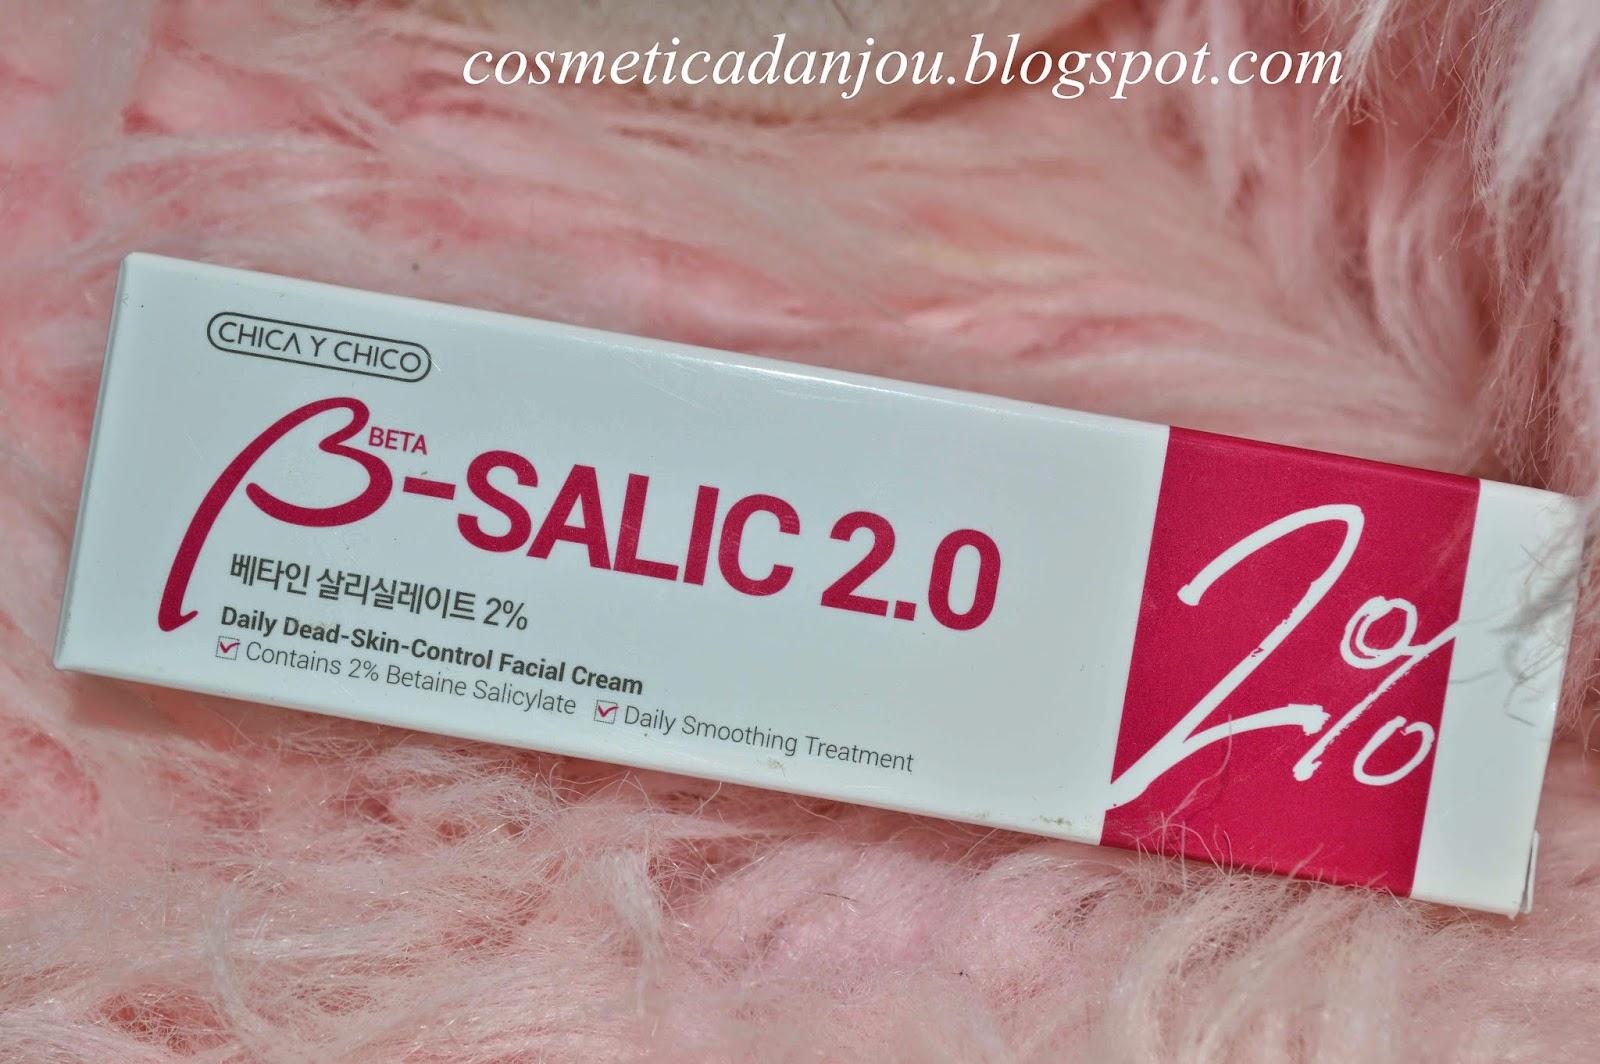 CHICA Y CHICO - B-Salic 2.0